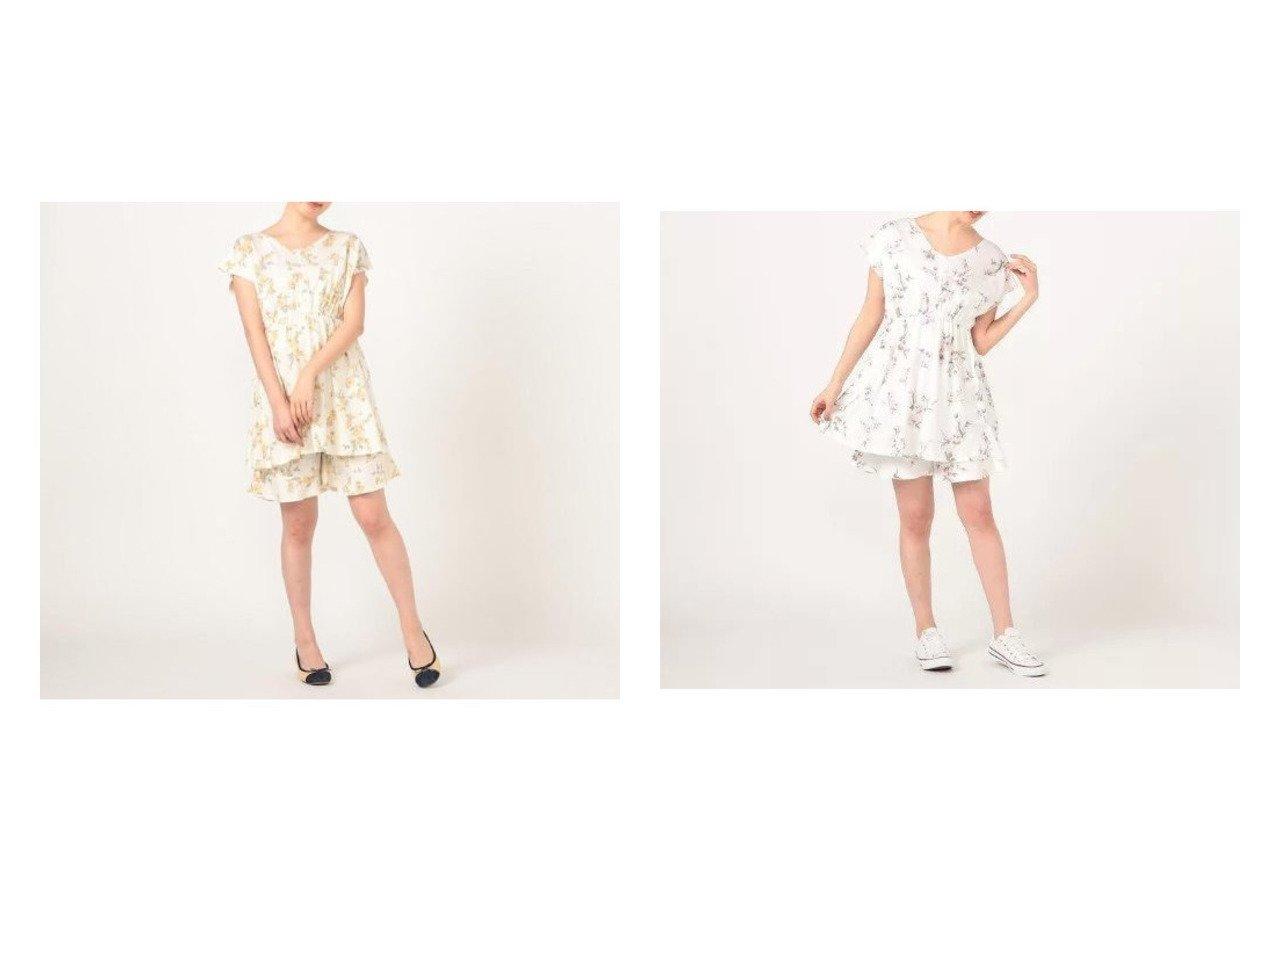 【LAISSE PASSE/レッセ パッセ】のサマーフラワープリント チュニック&パンツSET おすすめ!人気、トレンド・レディースファッションの通販 おすすめで人気の流行・トレンド、ファッションの通販商品 インテリア・家具・メンズファッション・キッズファッション・レディースファッション・服の通販 founy(ファニー) https://founy.com/ ファッション Fashion レディースファッション WOMEN セットアップ Setup パンツ Pants ギャザー チュニック フェミニン フレア フロント  ID:crp329100000046172